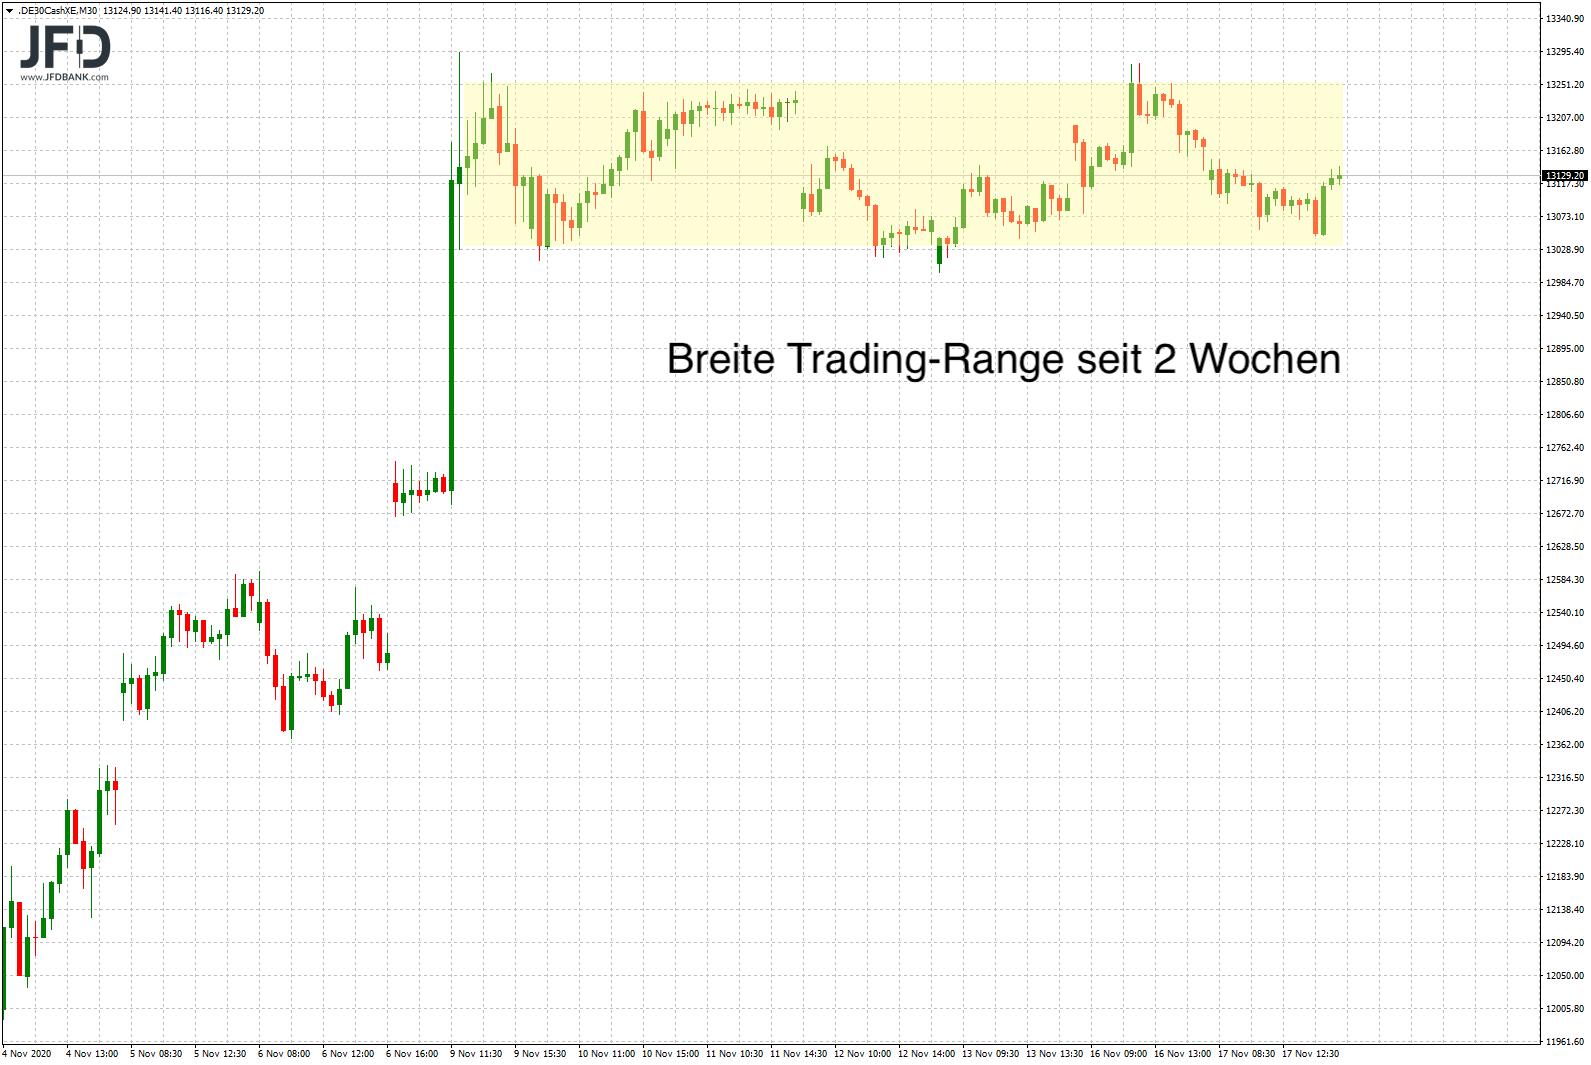 Besinnliche-Börsenphase-5-Wochen-vor-Weihnachten-Kommentar-JFD-Bank-GodmodeTrader.de-2